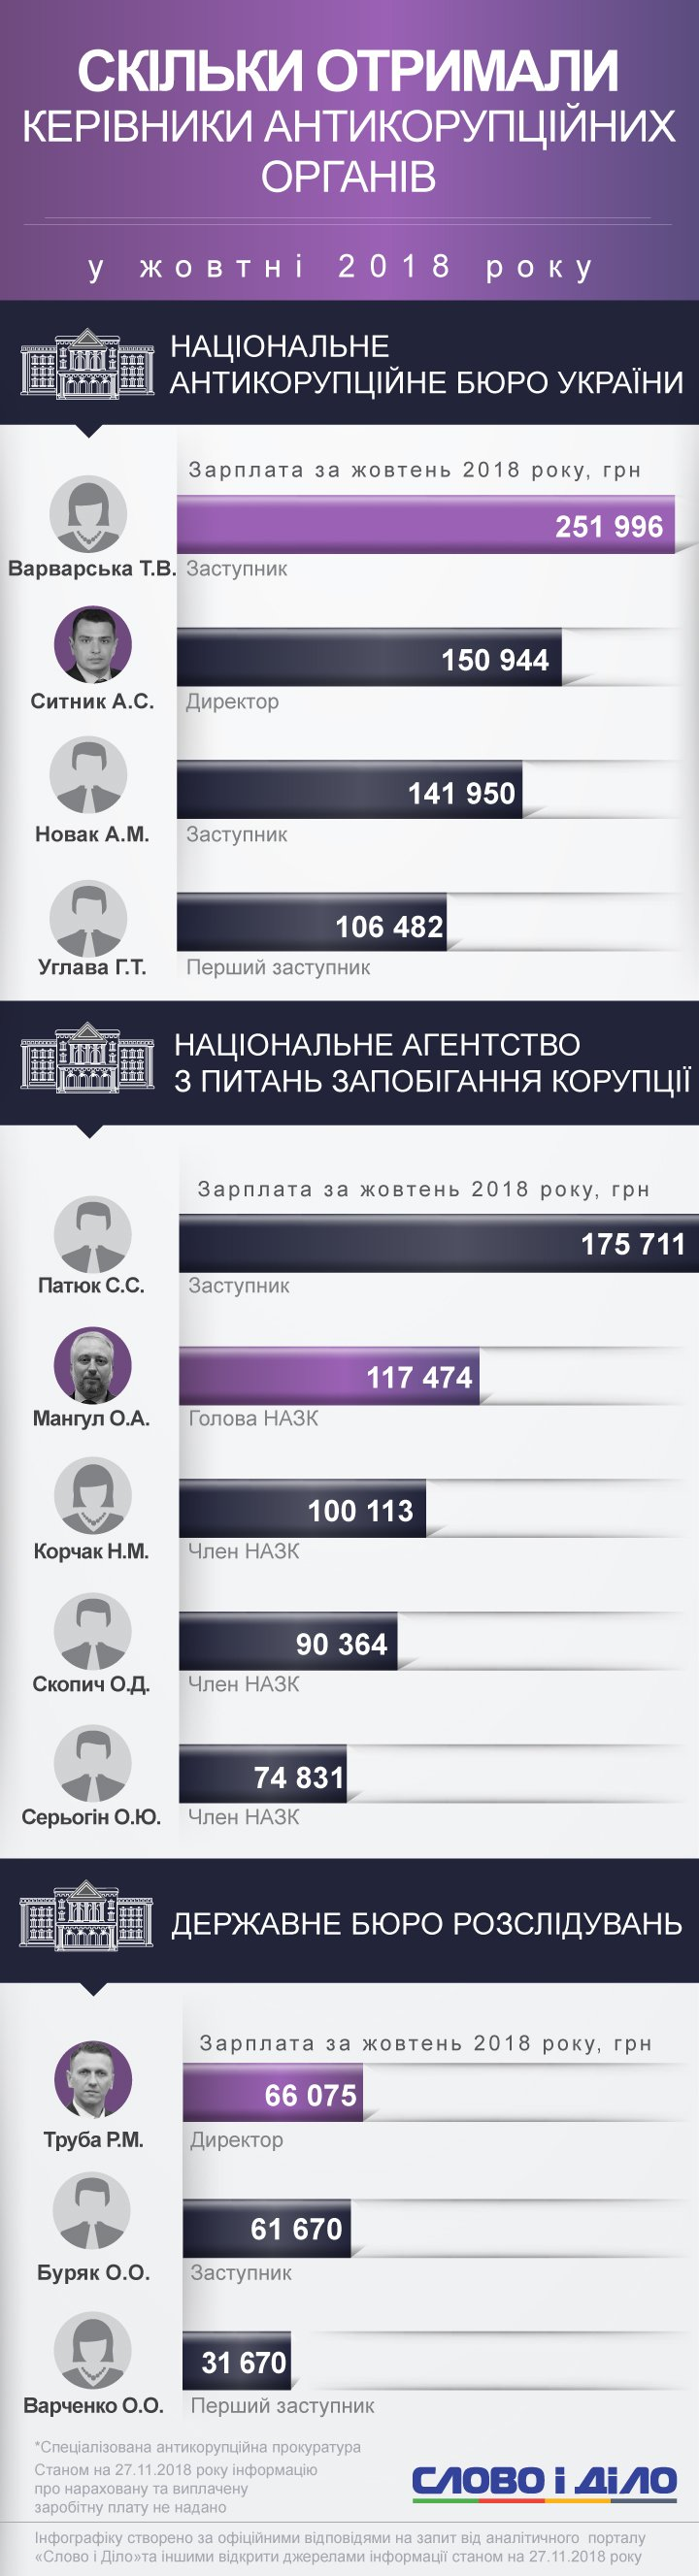 Сколько заработали борцы с коррупцией в Украине